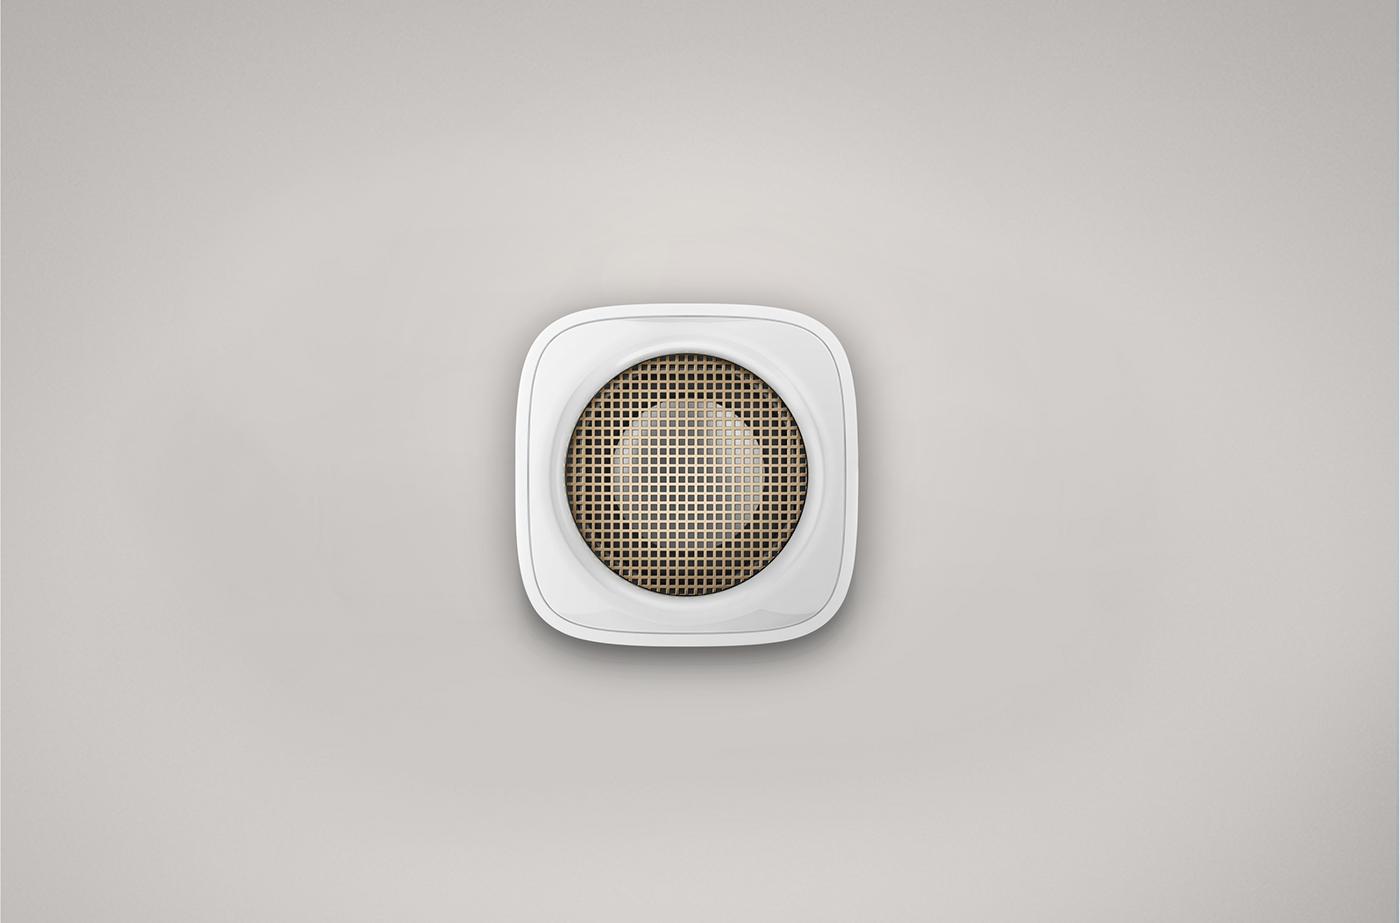 BT100蓝牙音箱设计